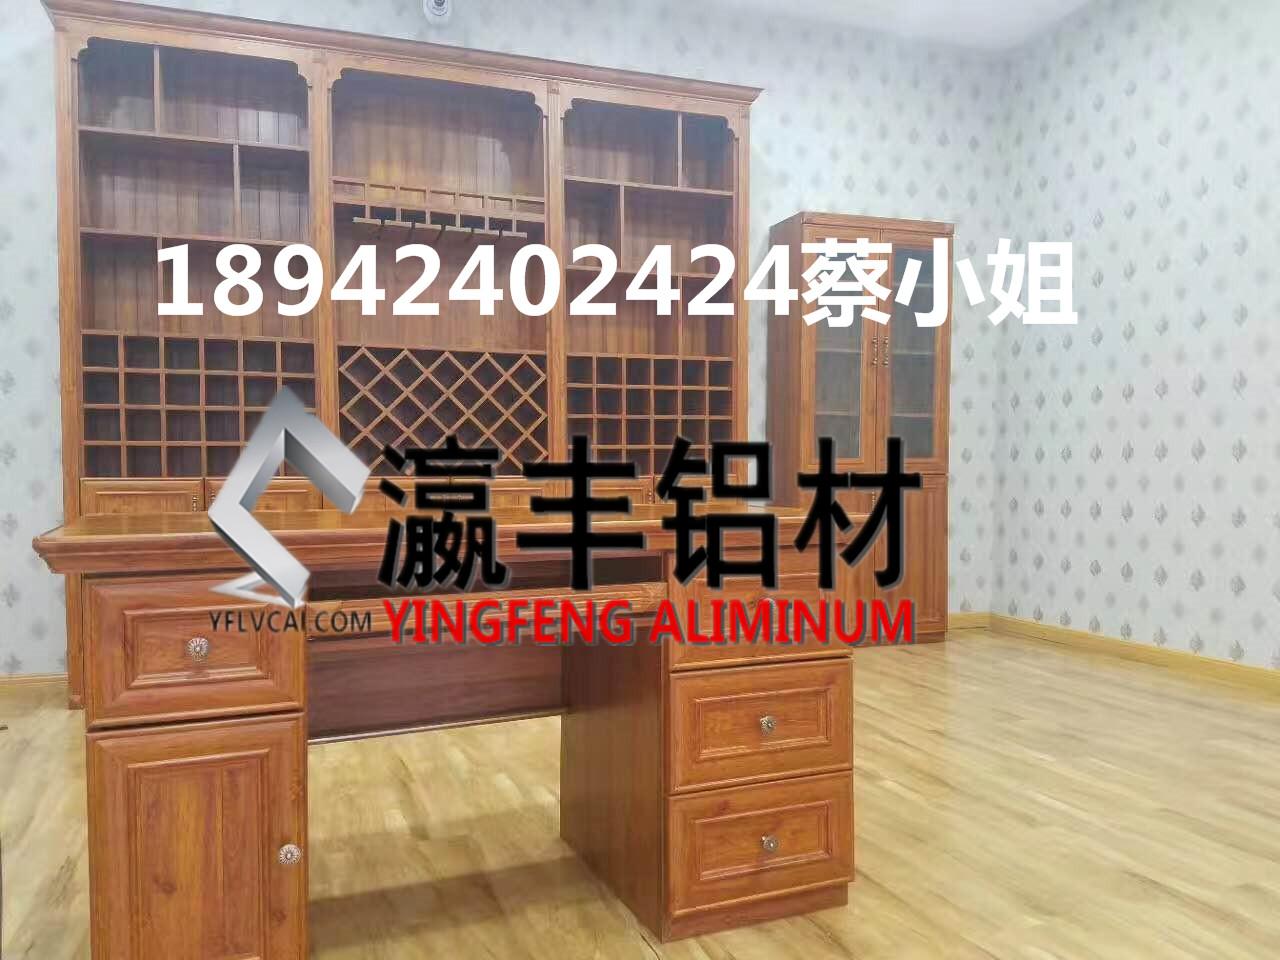 【全铝家居衣柜铝合金家具橱柜全铝家具型材衣橱衣柜铝合金定制家具